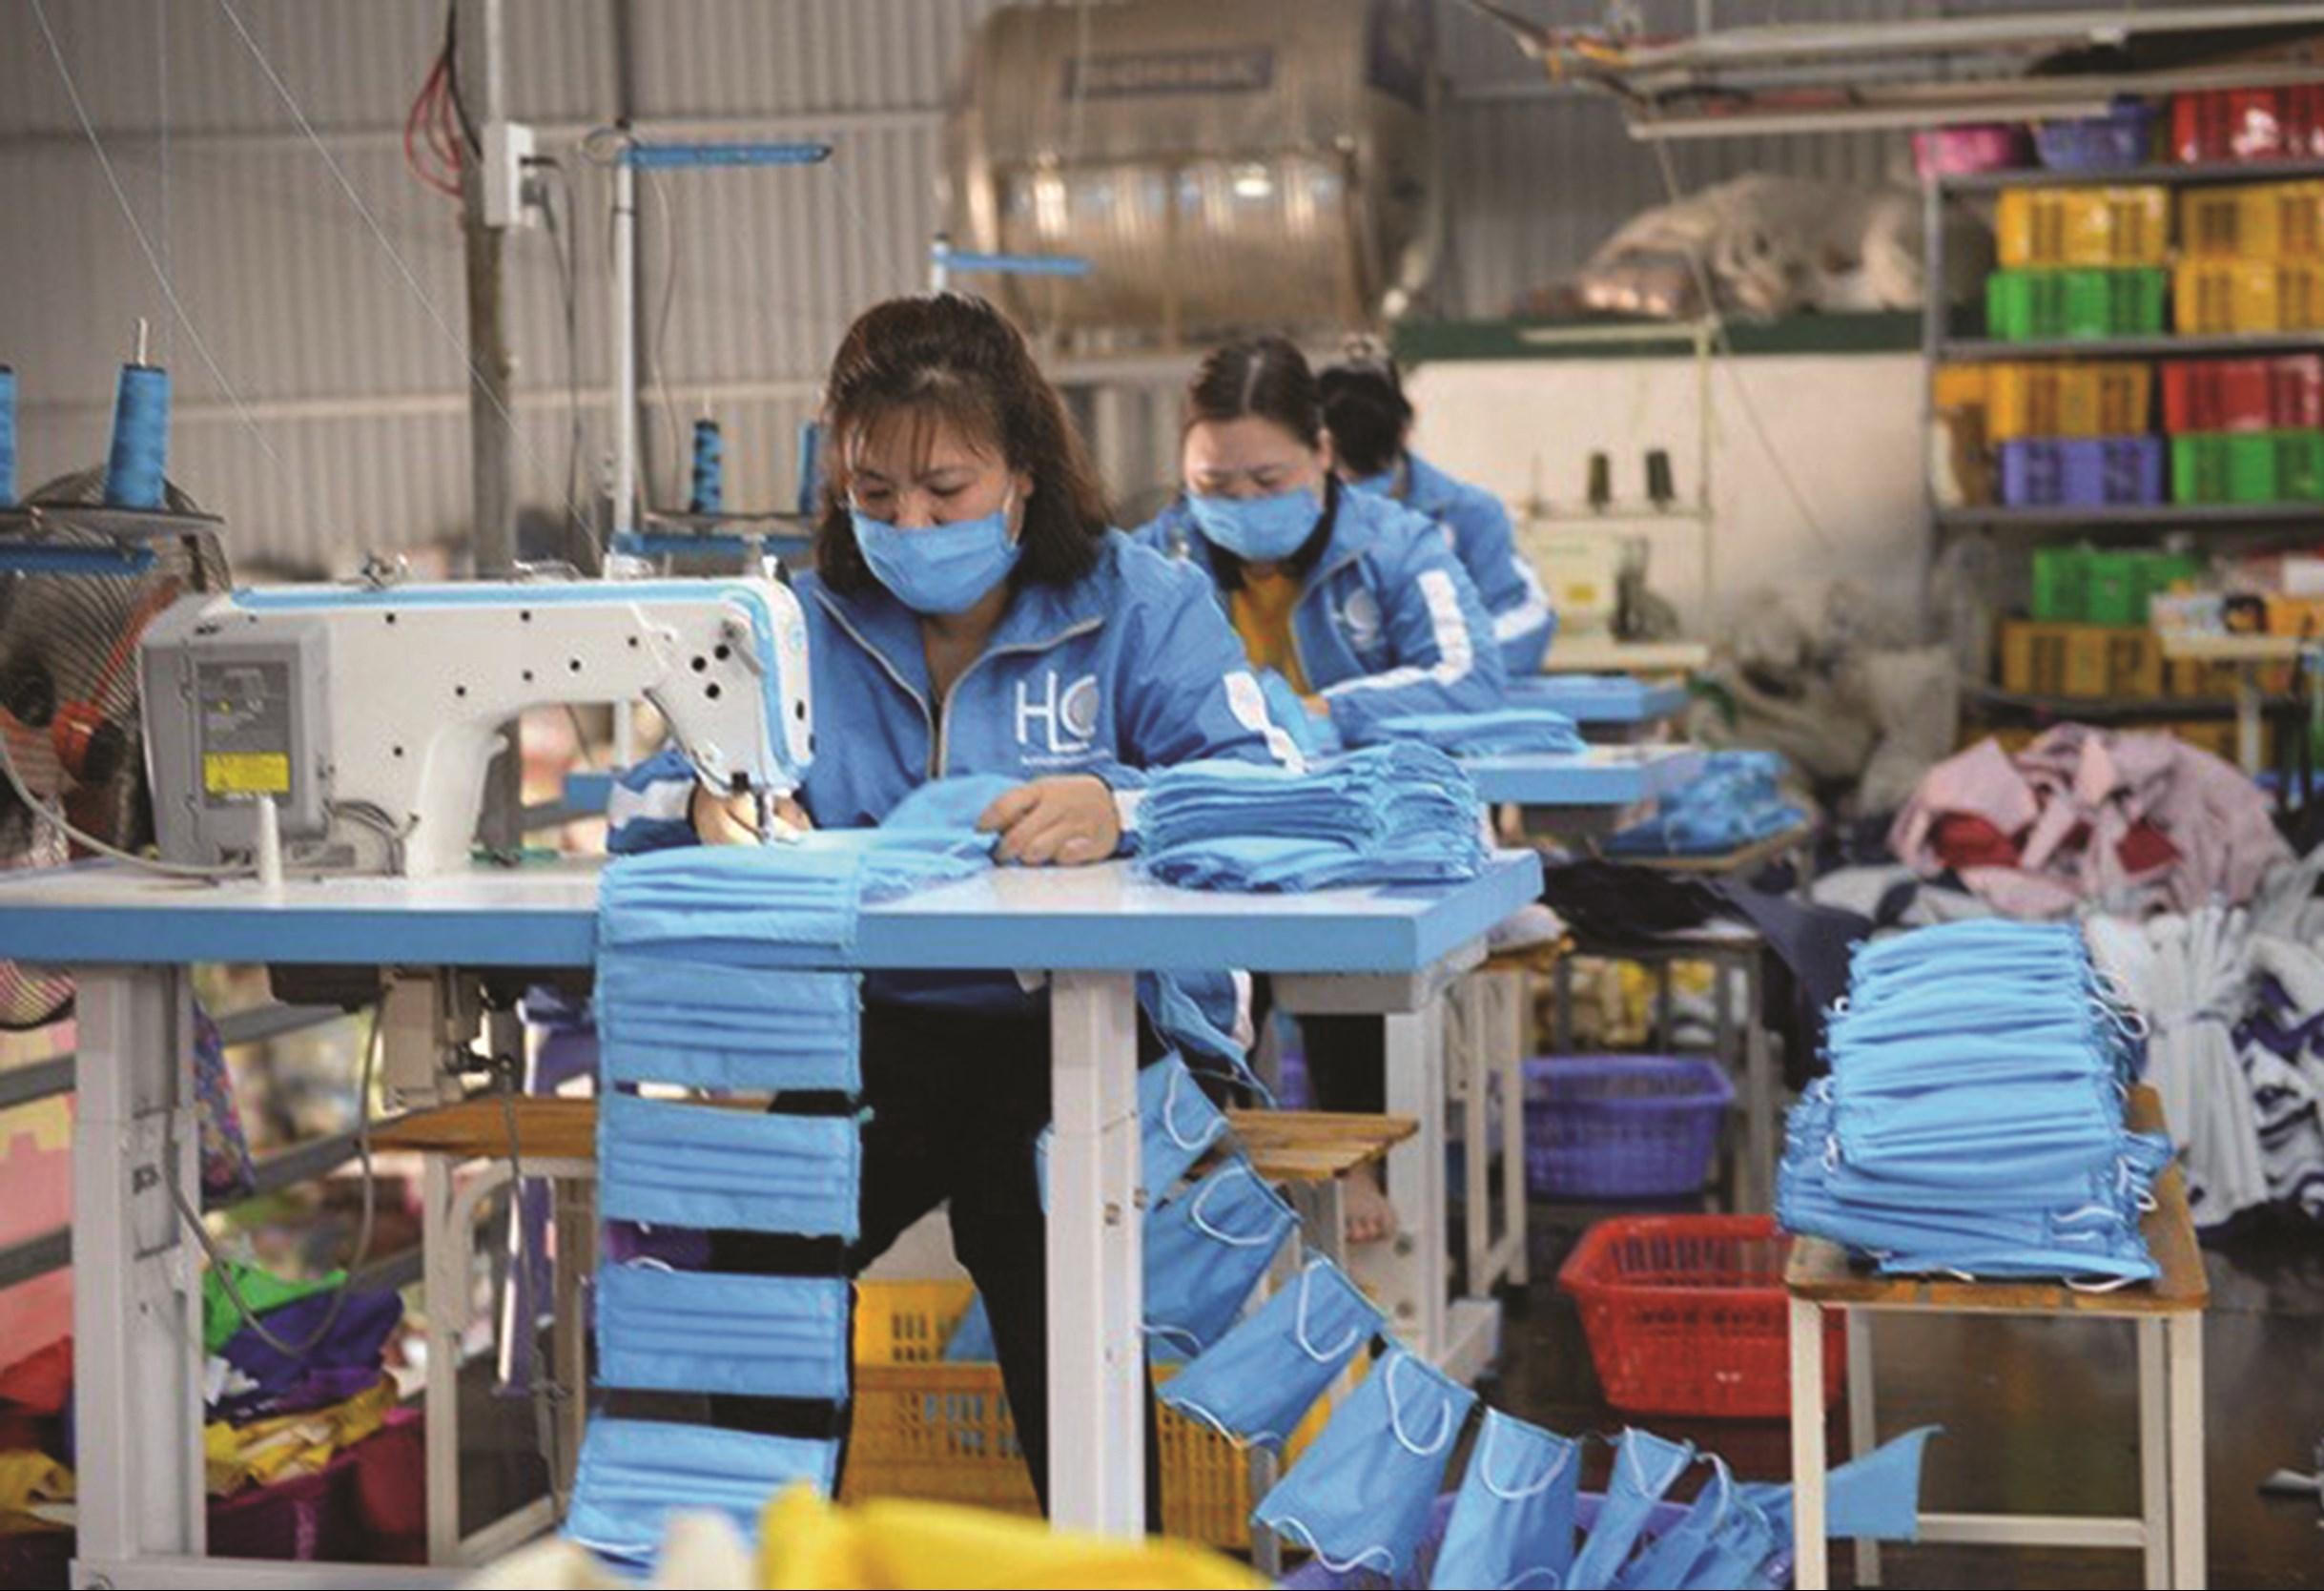 Sản phẩm khẩu trang sản xuất từ xưởng của chị Thắm đáp ứng đủ điều kiện về y tế.